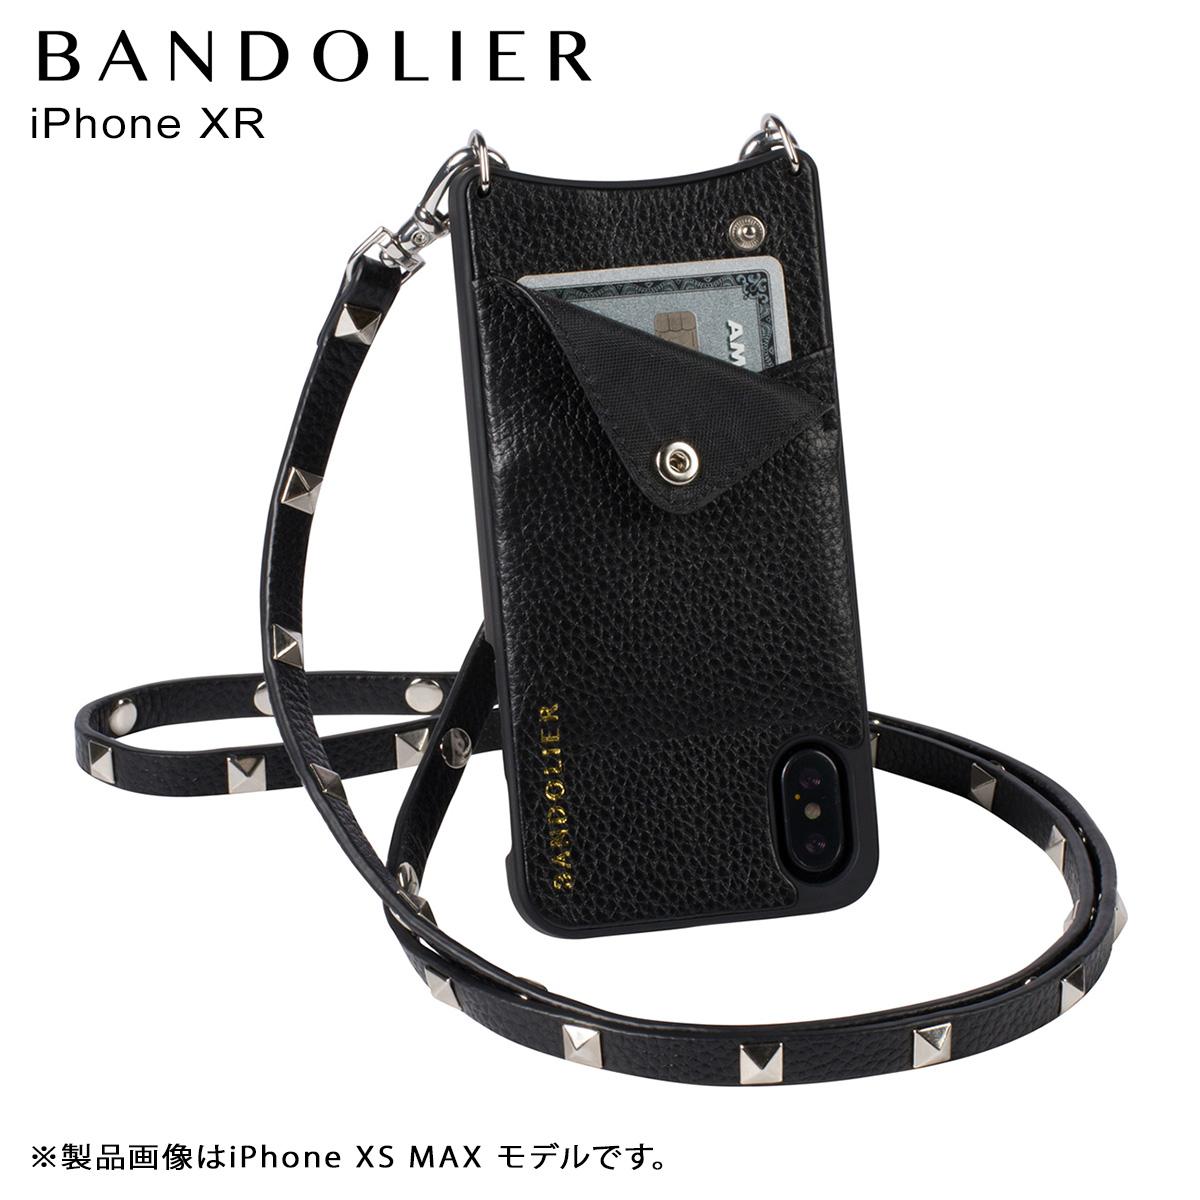 【最大2000円OFFクーポン】 BANDOLIER バンドリヤー iPhone XR ケース ショルダー スマホ アイフォン レザー SARAH SILVER メンズ レディース ブラック 10SAR1001